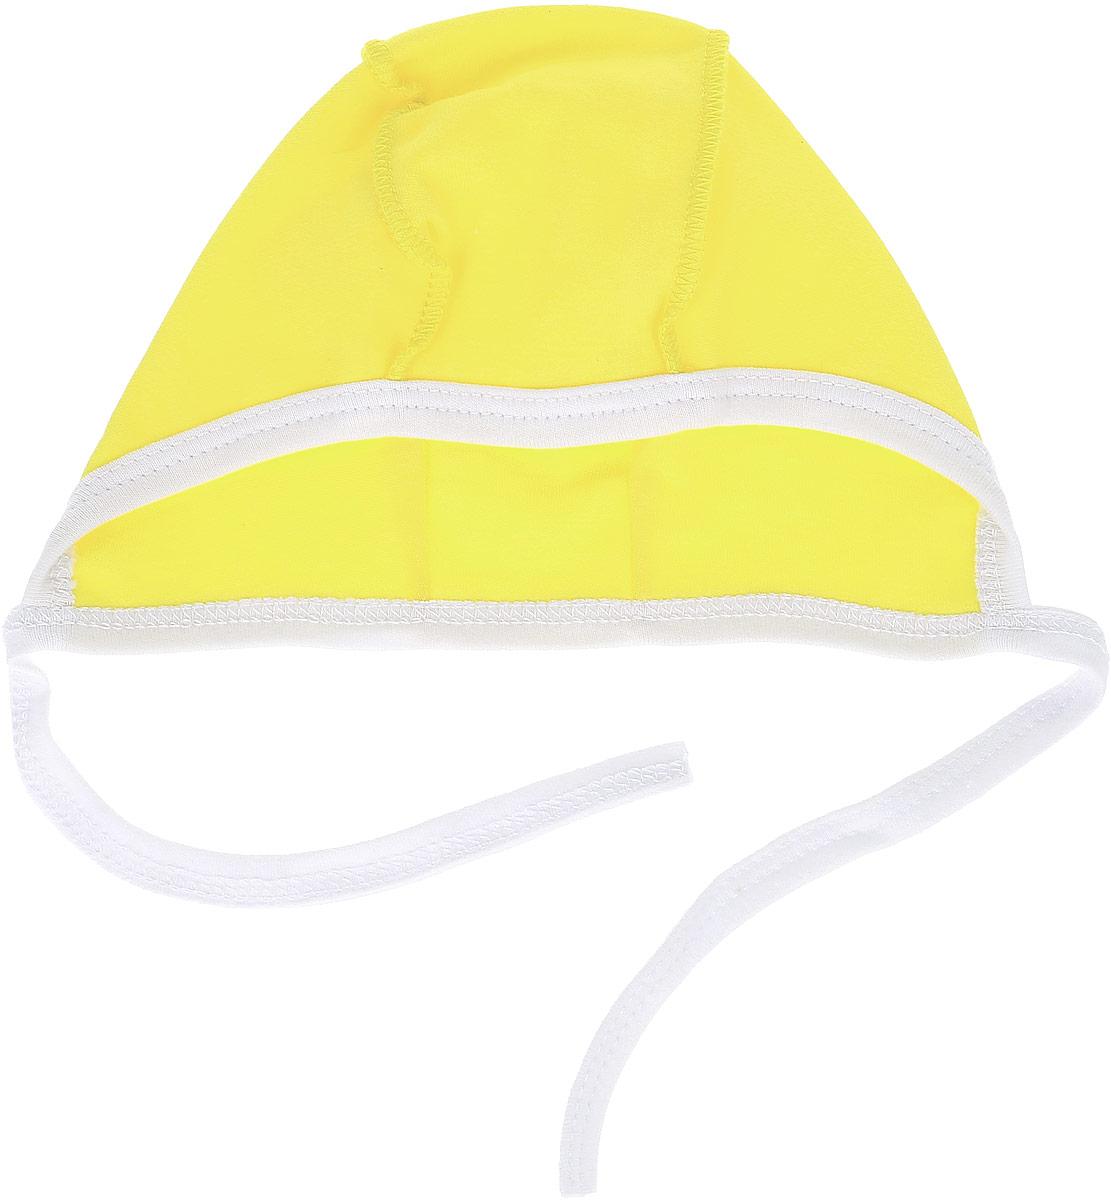 Чепчик для девочки КотМарКот, цвет: желтый. 8262. Размер 48, 6-12 месяцев8262Мягкий чепчик для девочки КотМарКот, изготовленный из натурального хлопка, не раздражает нежную кожу ребенка и хорошо вентилируется.Текстильные завязки позволяют легко и быстро регулировать обхват чепчика. Швы, выполненные наружу, обеспечивают максимальный комфорт ребенку. Такой стильный чепчик будет отличным дополнением к гардеробу вашей малышки.